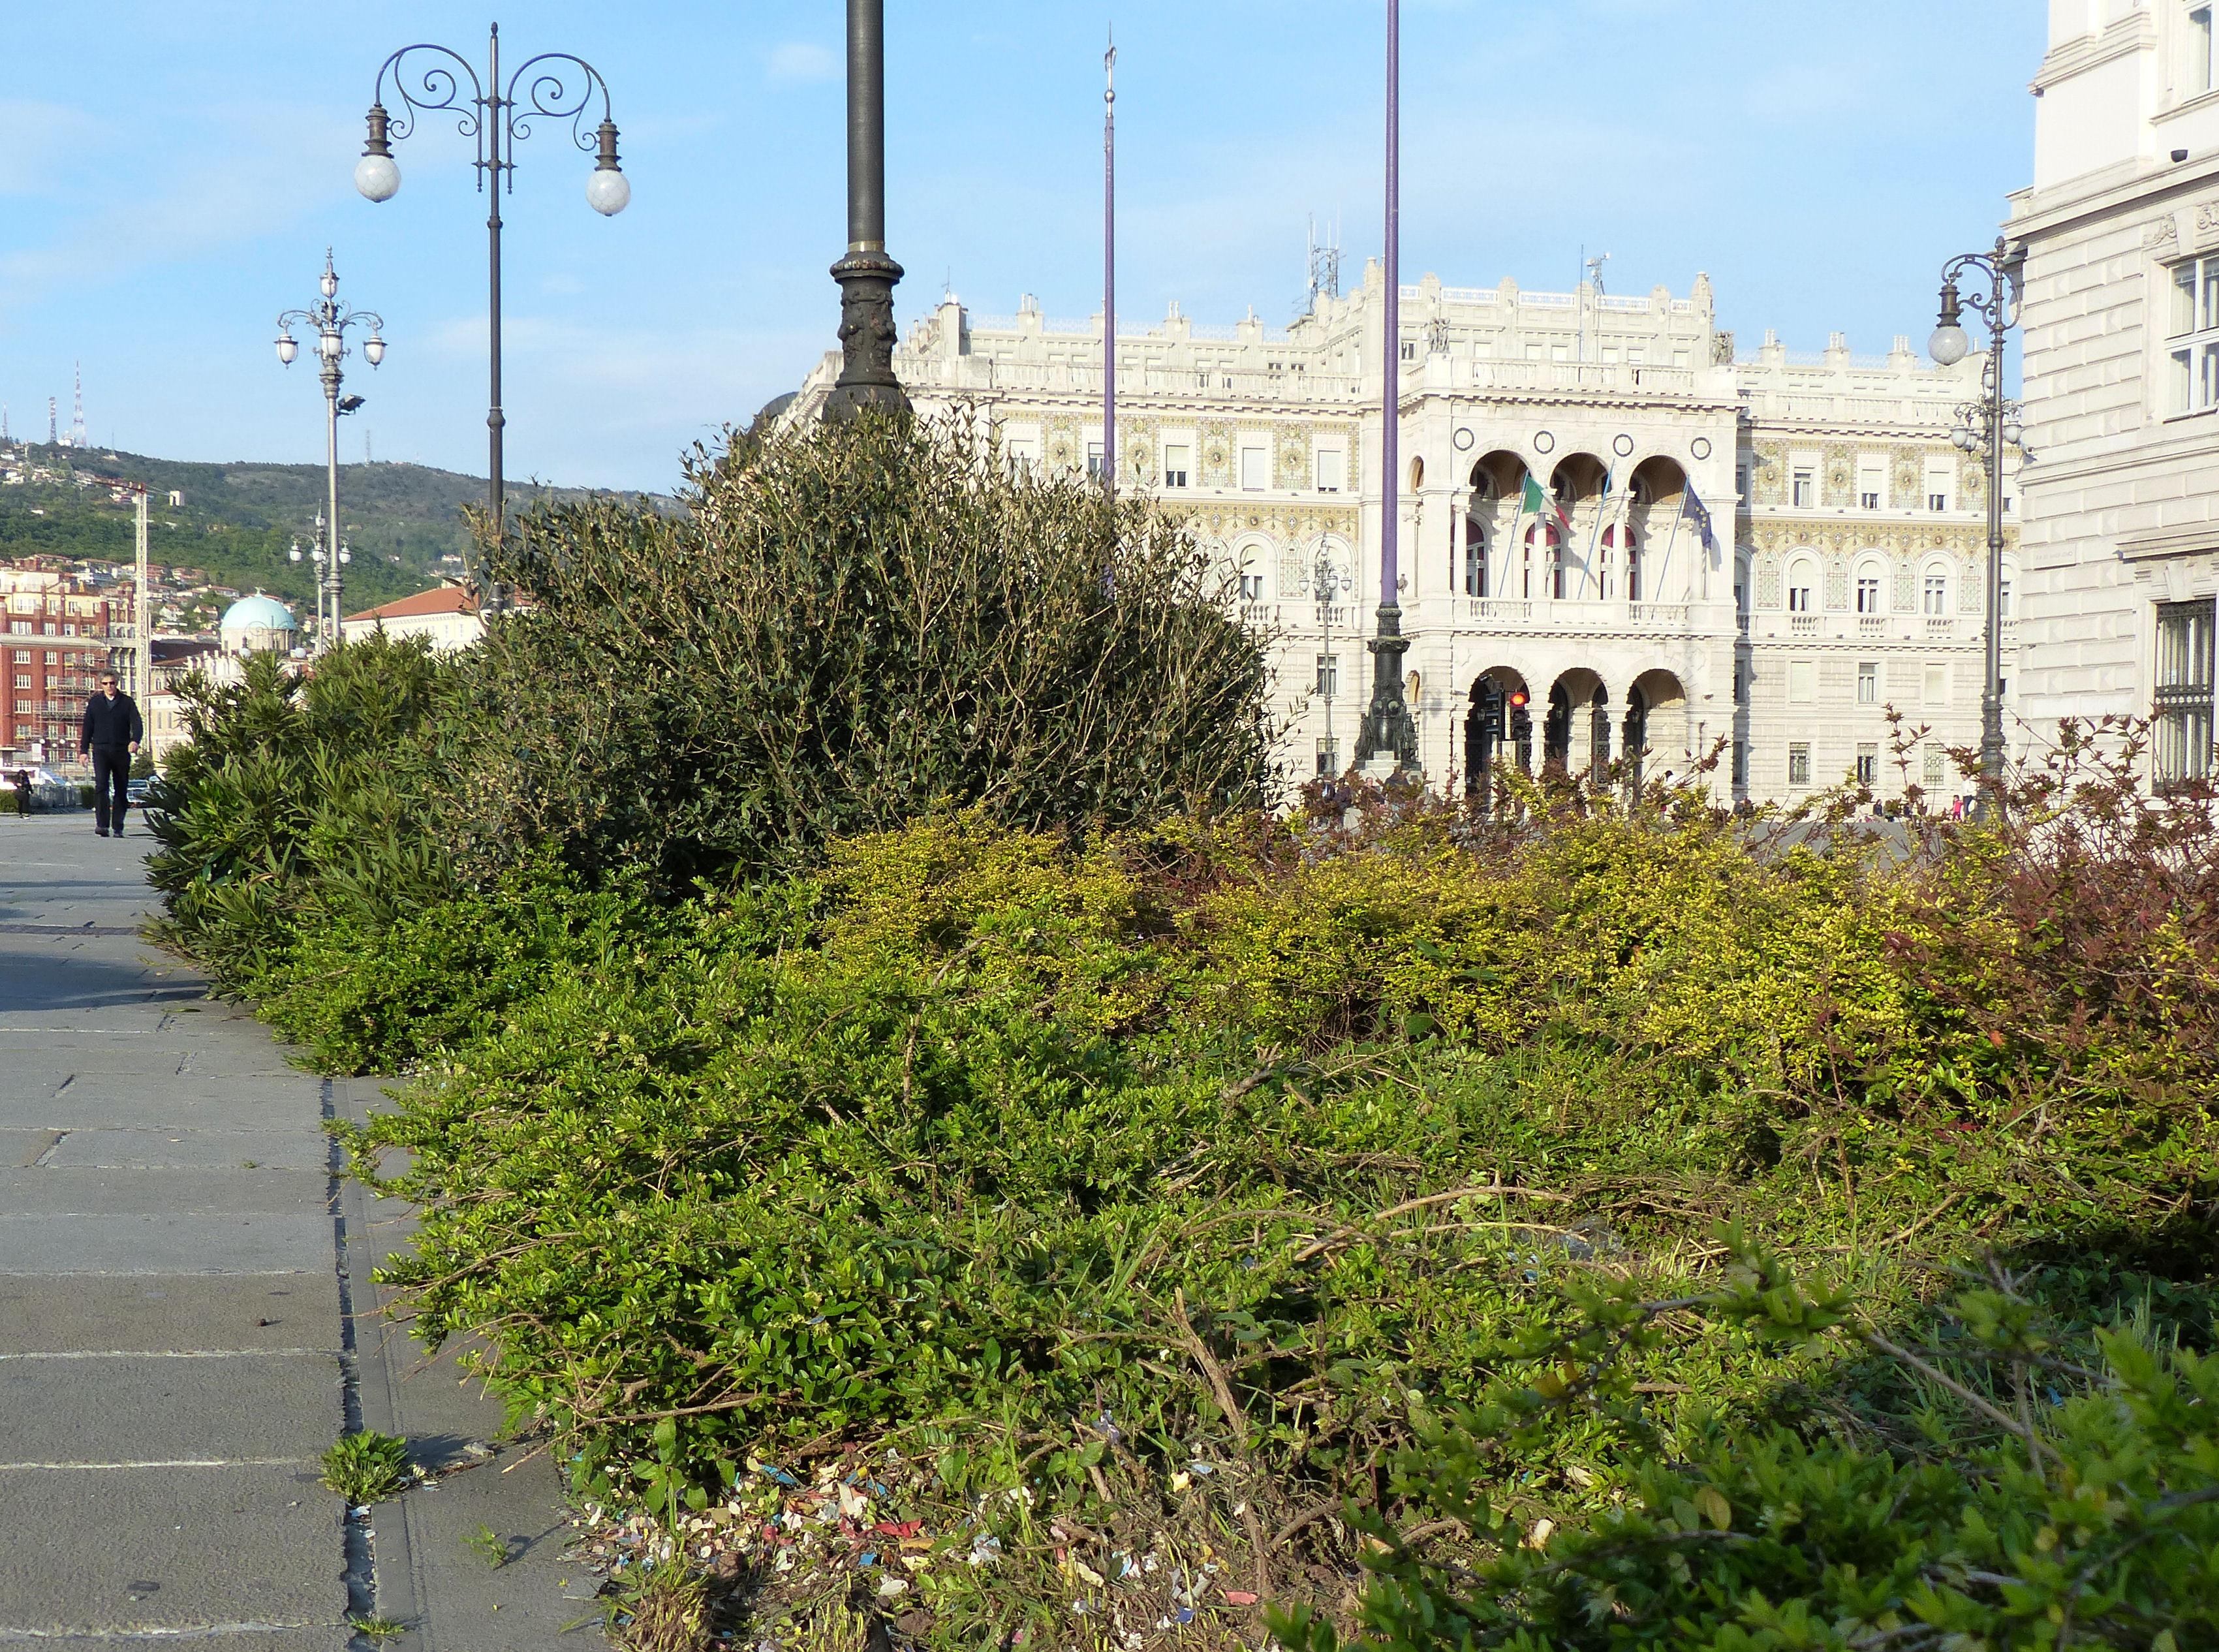 © Dipartimento di Scienze della Vita, Università di Trieste<br>by Andrea Moro<br>Comune di Trieste, aiuole sulle Rive, TS, Friuli Venezia Giulia, Italia, 07/04/2017<br>Distributed under CC-BY-SA 4.0 license.